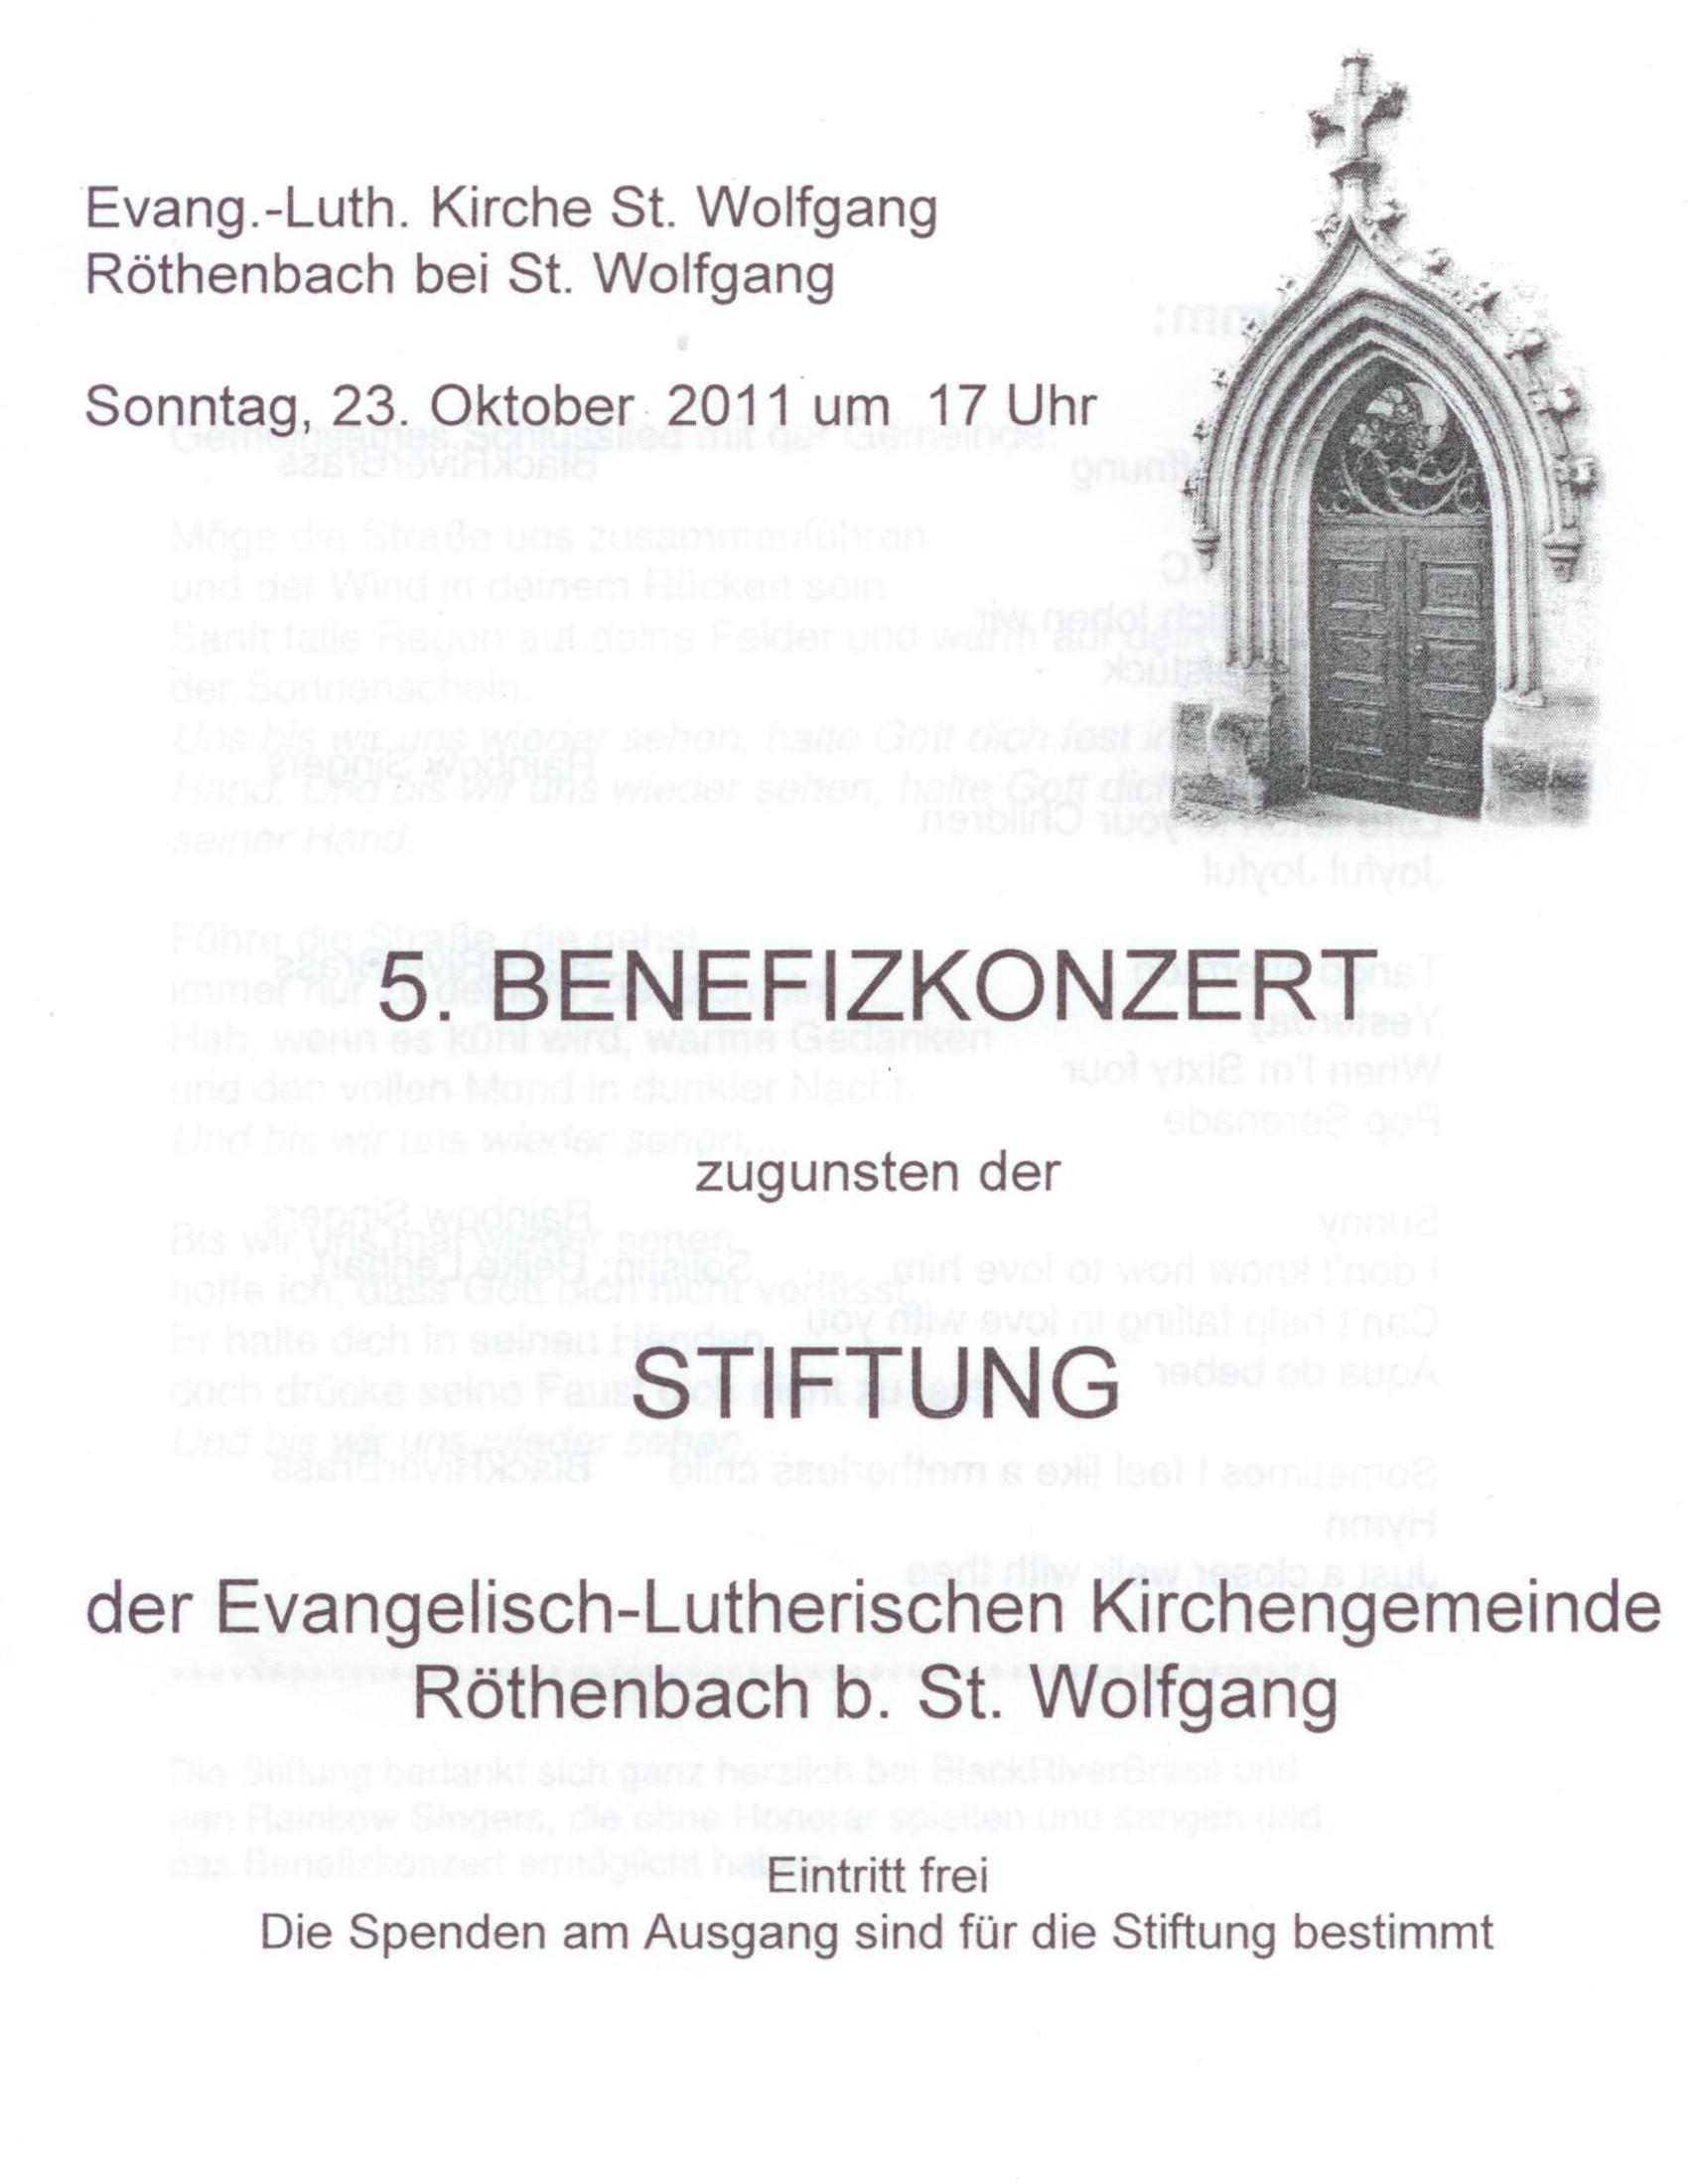 BRB Benefizkonzert Kirchenstiftung Röthenbah 23.10.2011